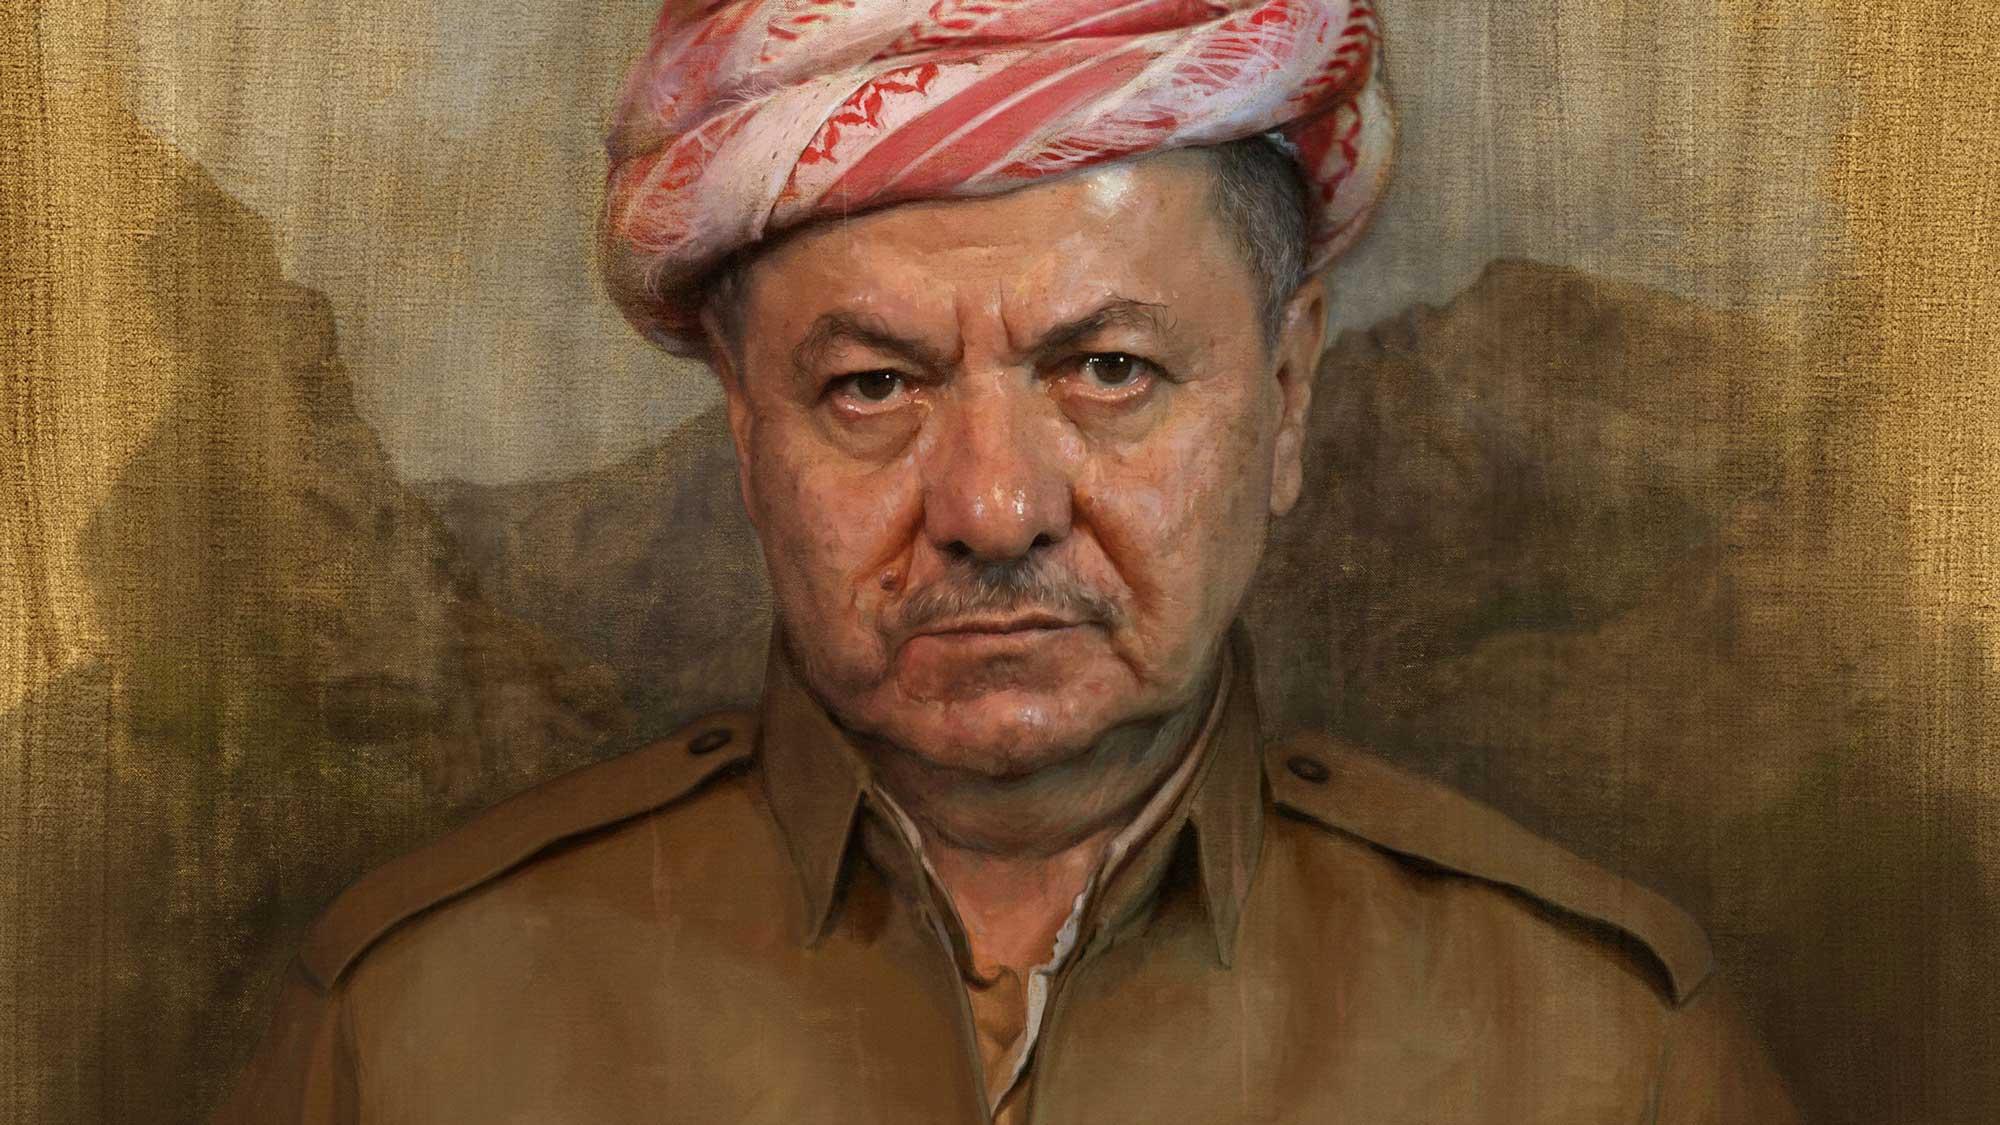 L'appel de Barzani « témoigne de l'épuisement des ressources de mobilisation du gouvernement régional »